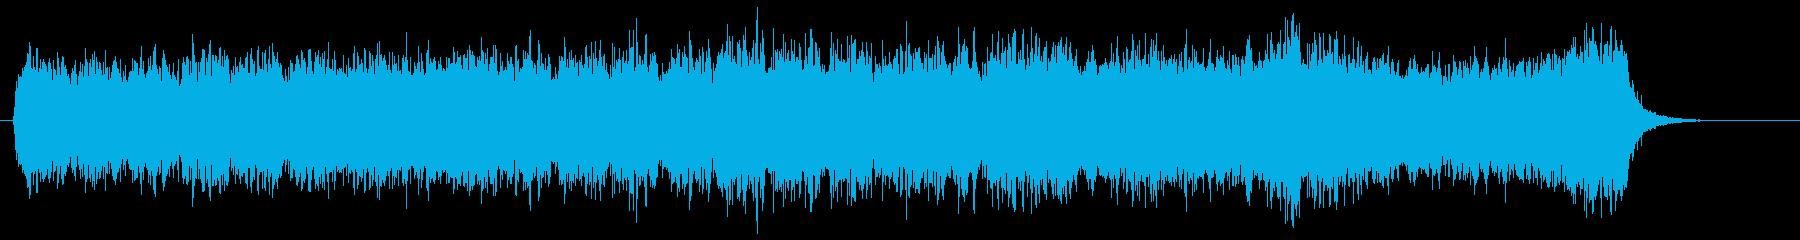 ウェディングで美しいクワイア/コーラスの再生済みの波形